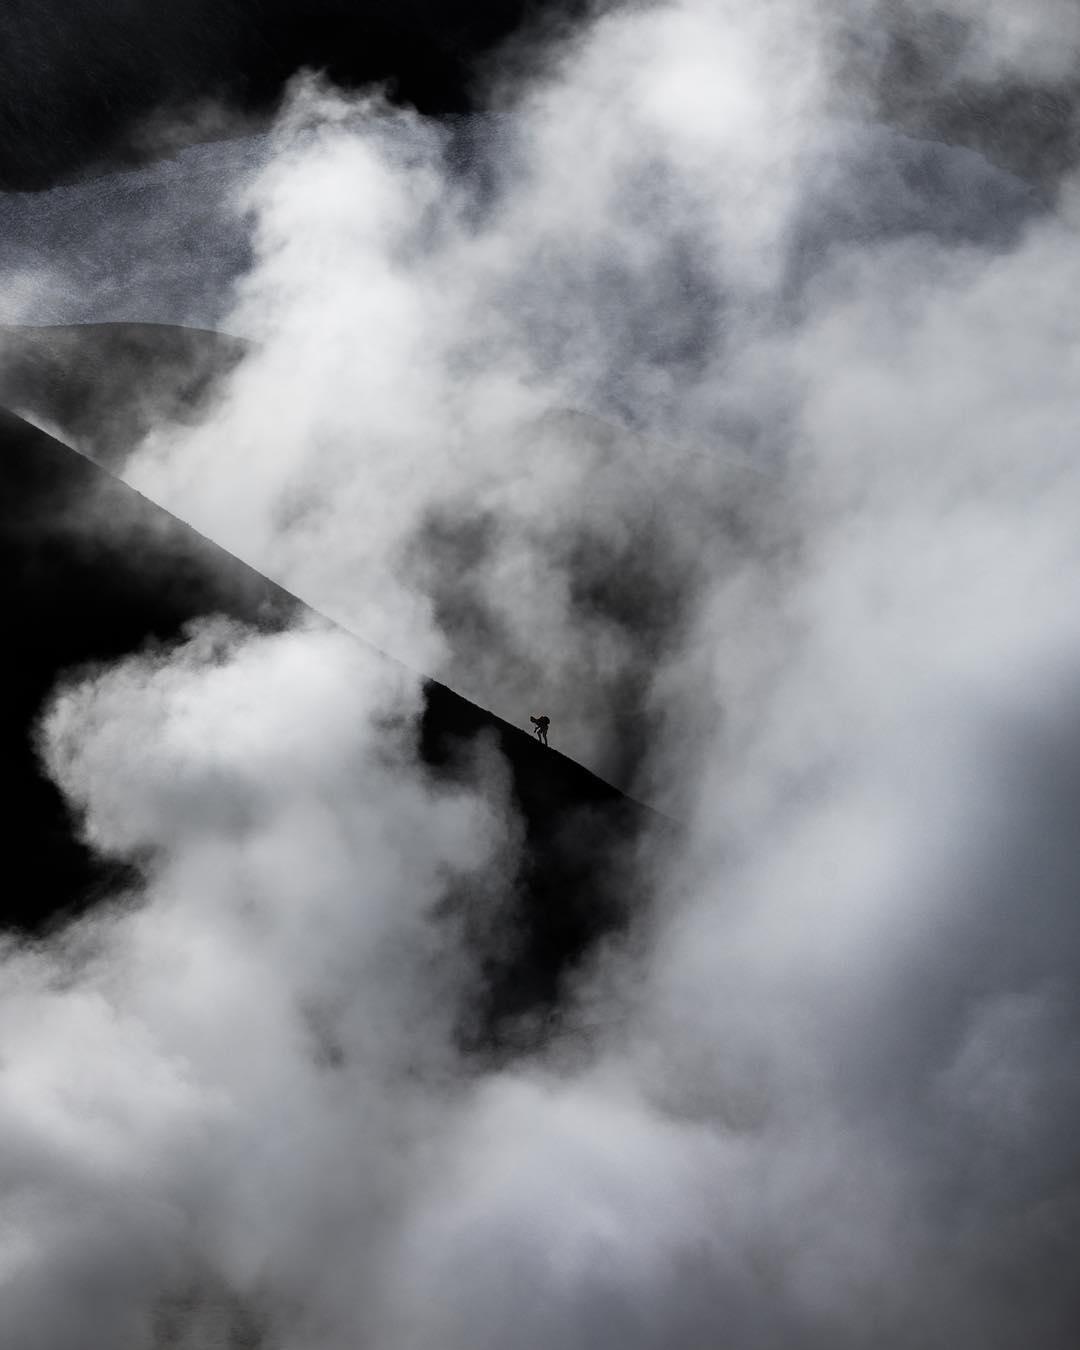 paisaje con neblina - dramáticas imágenes aéreas